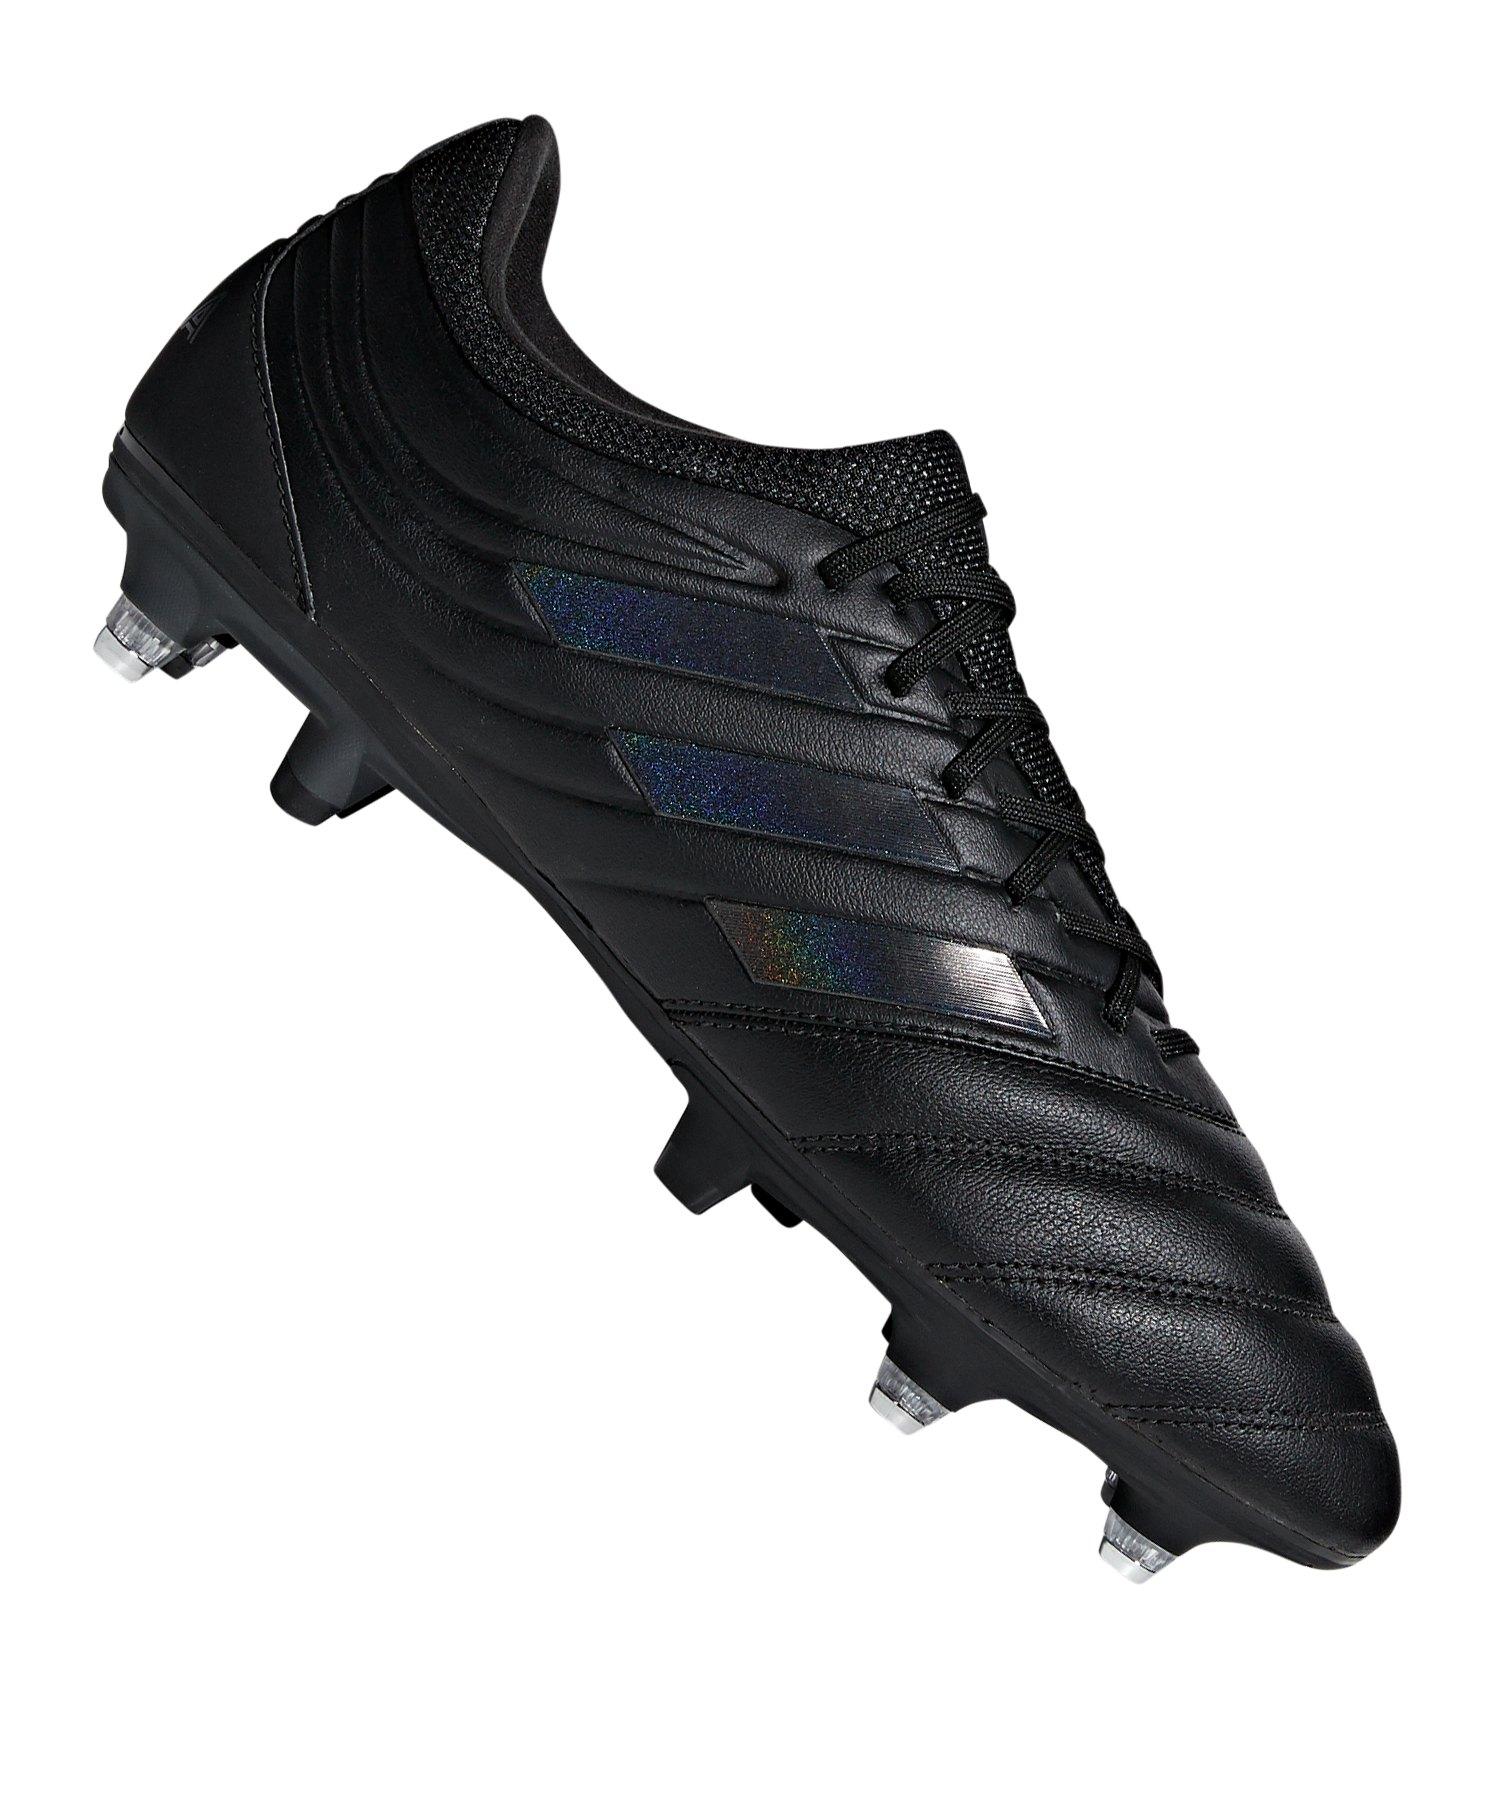 huge selection of fe0ab 85e7d adidas COPA 19.3 SG Schwarz - schwarz